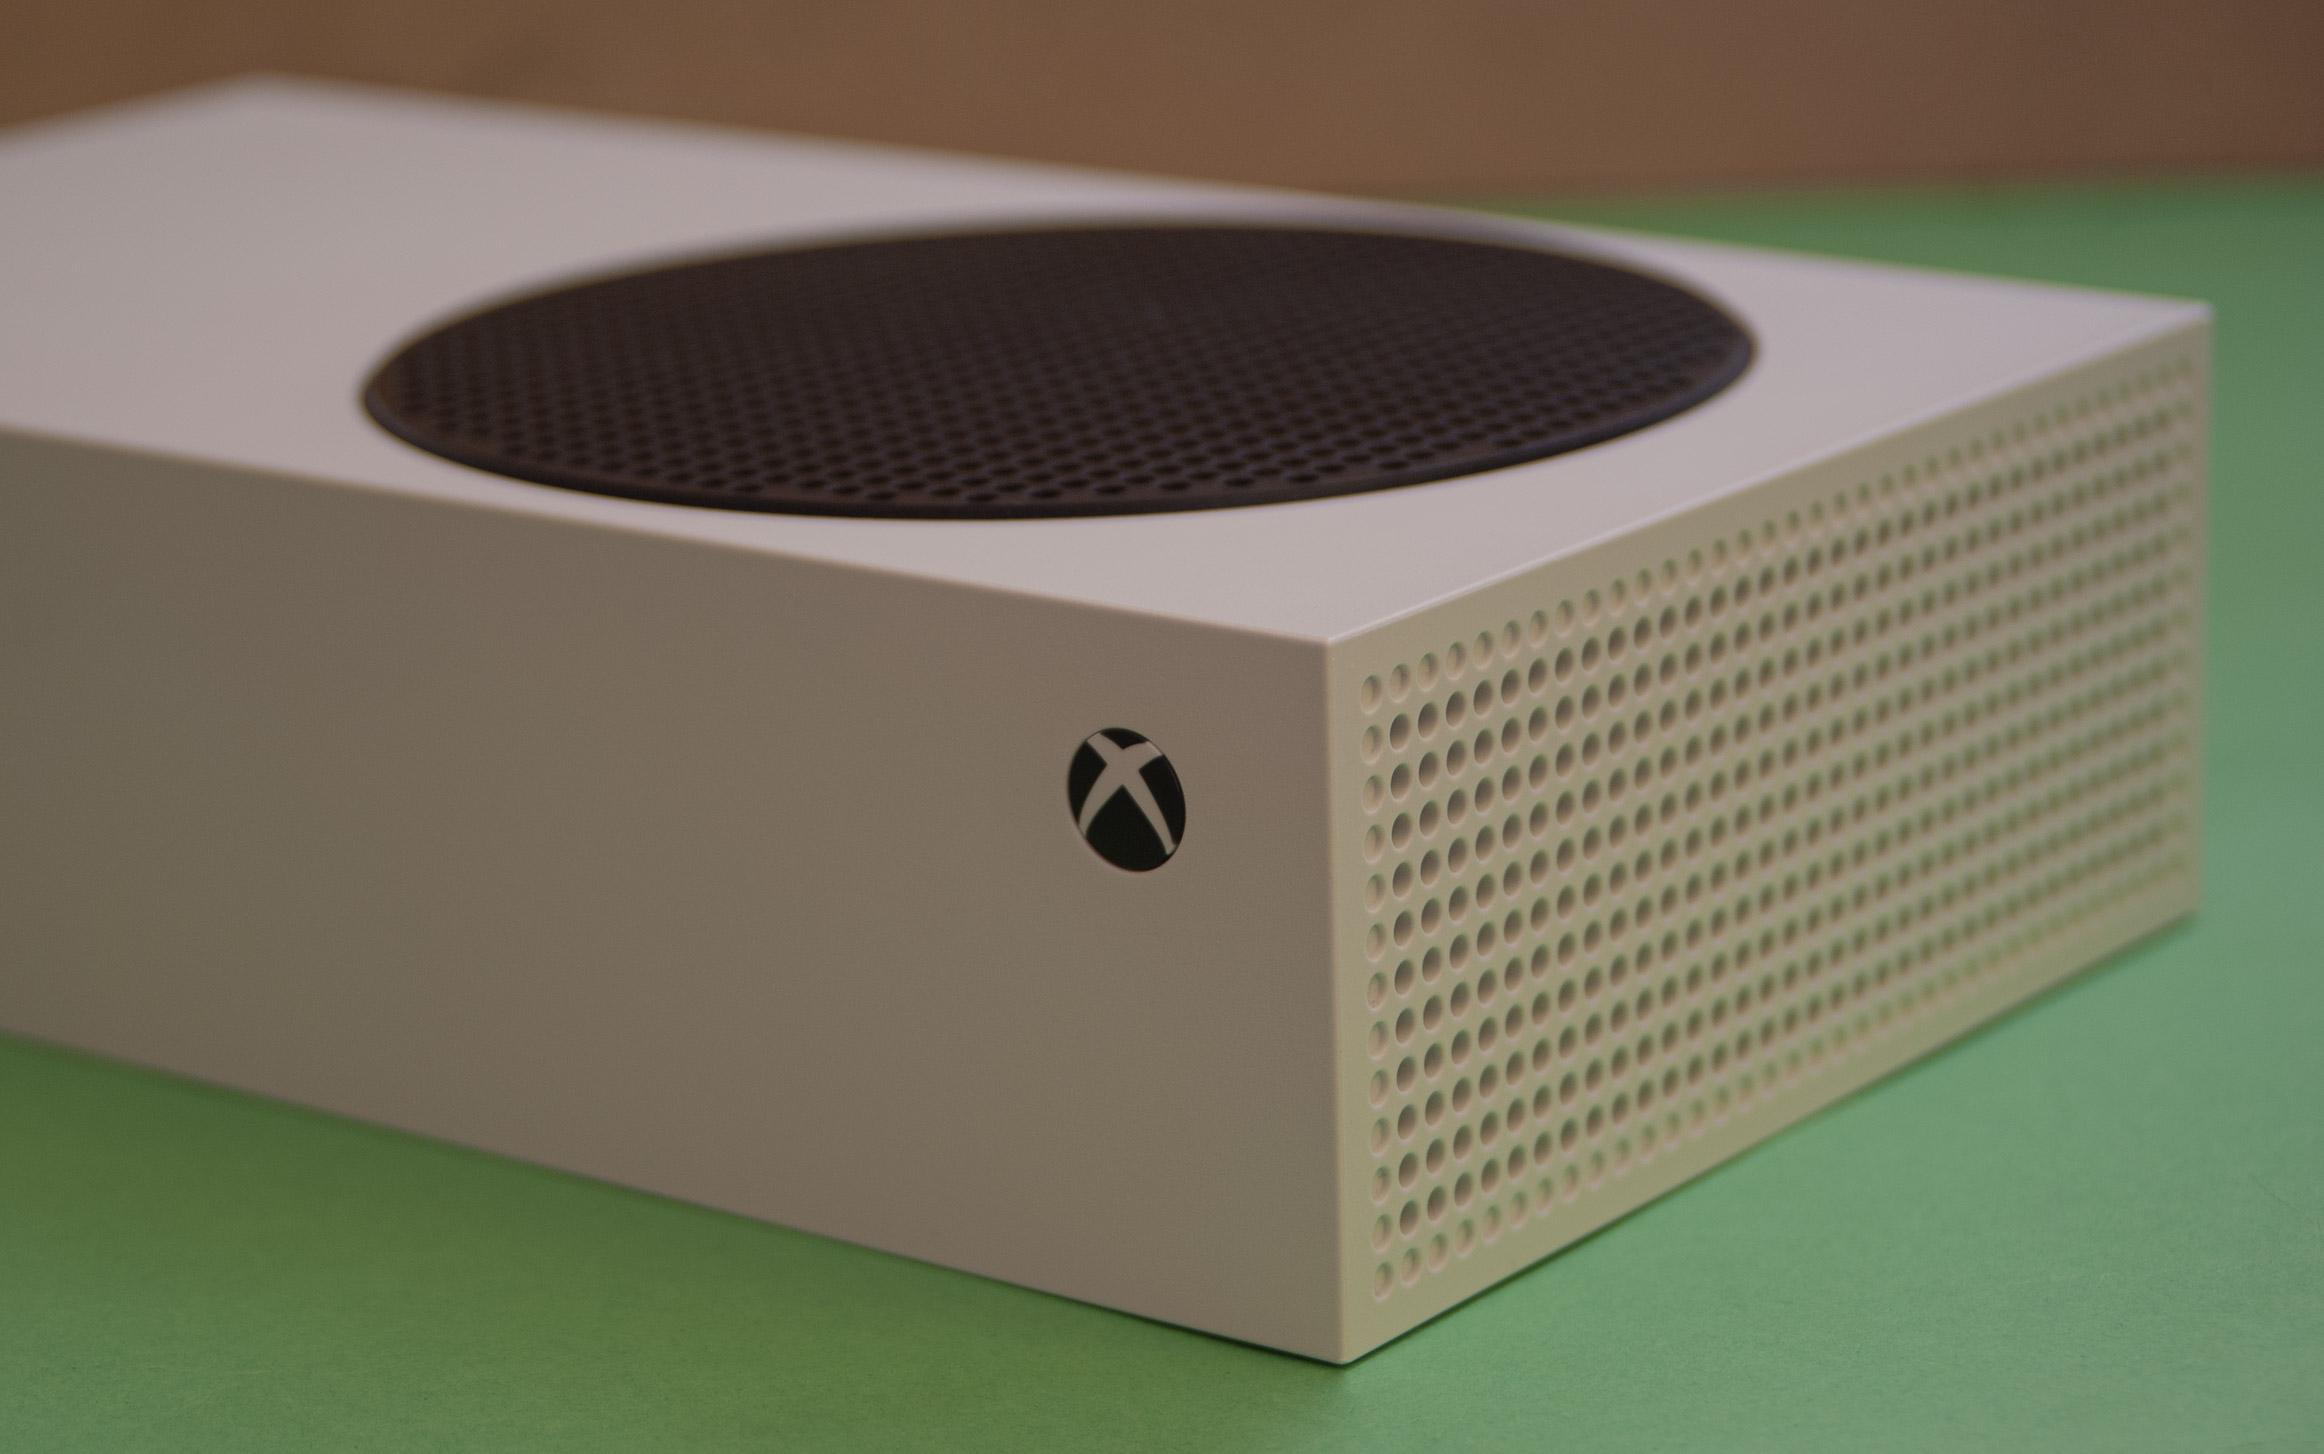 To ma sens. W nowej przeglądarce Xbox One i Series X|S odpalimy Google Stadia czy GeForce Now